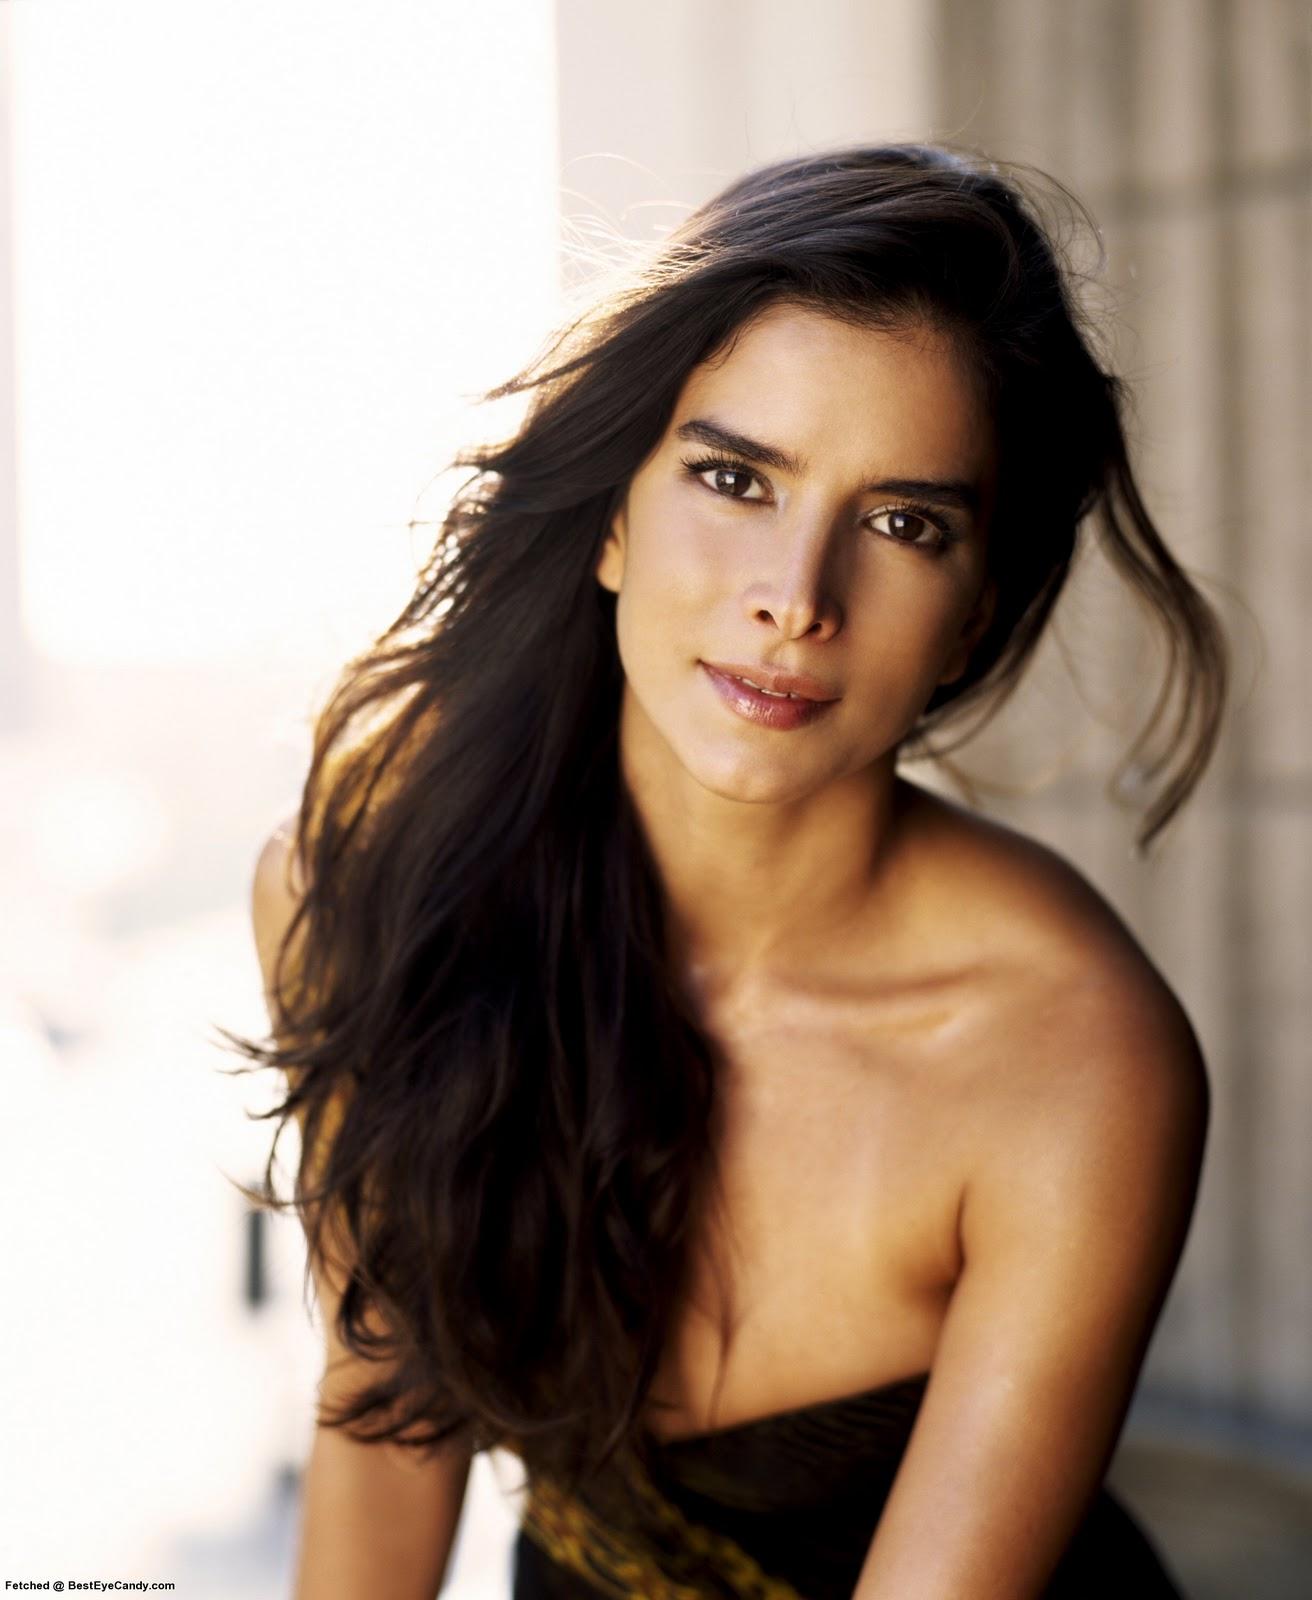 http://2.bp.blogspot.com/-likPqh2f2Eo/TyVrRjA3mXI/AAAAAAAAHQs/HGFgG5LgX0I/s1600/Patricia_Velasquez_1-4.jpg